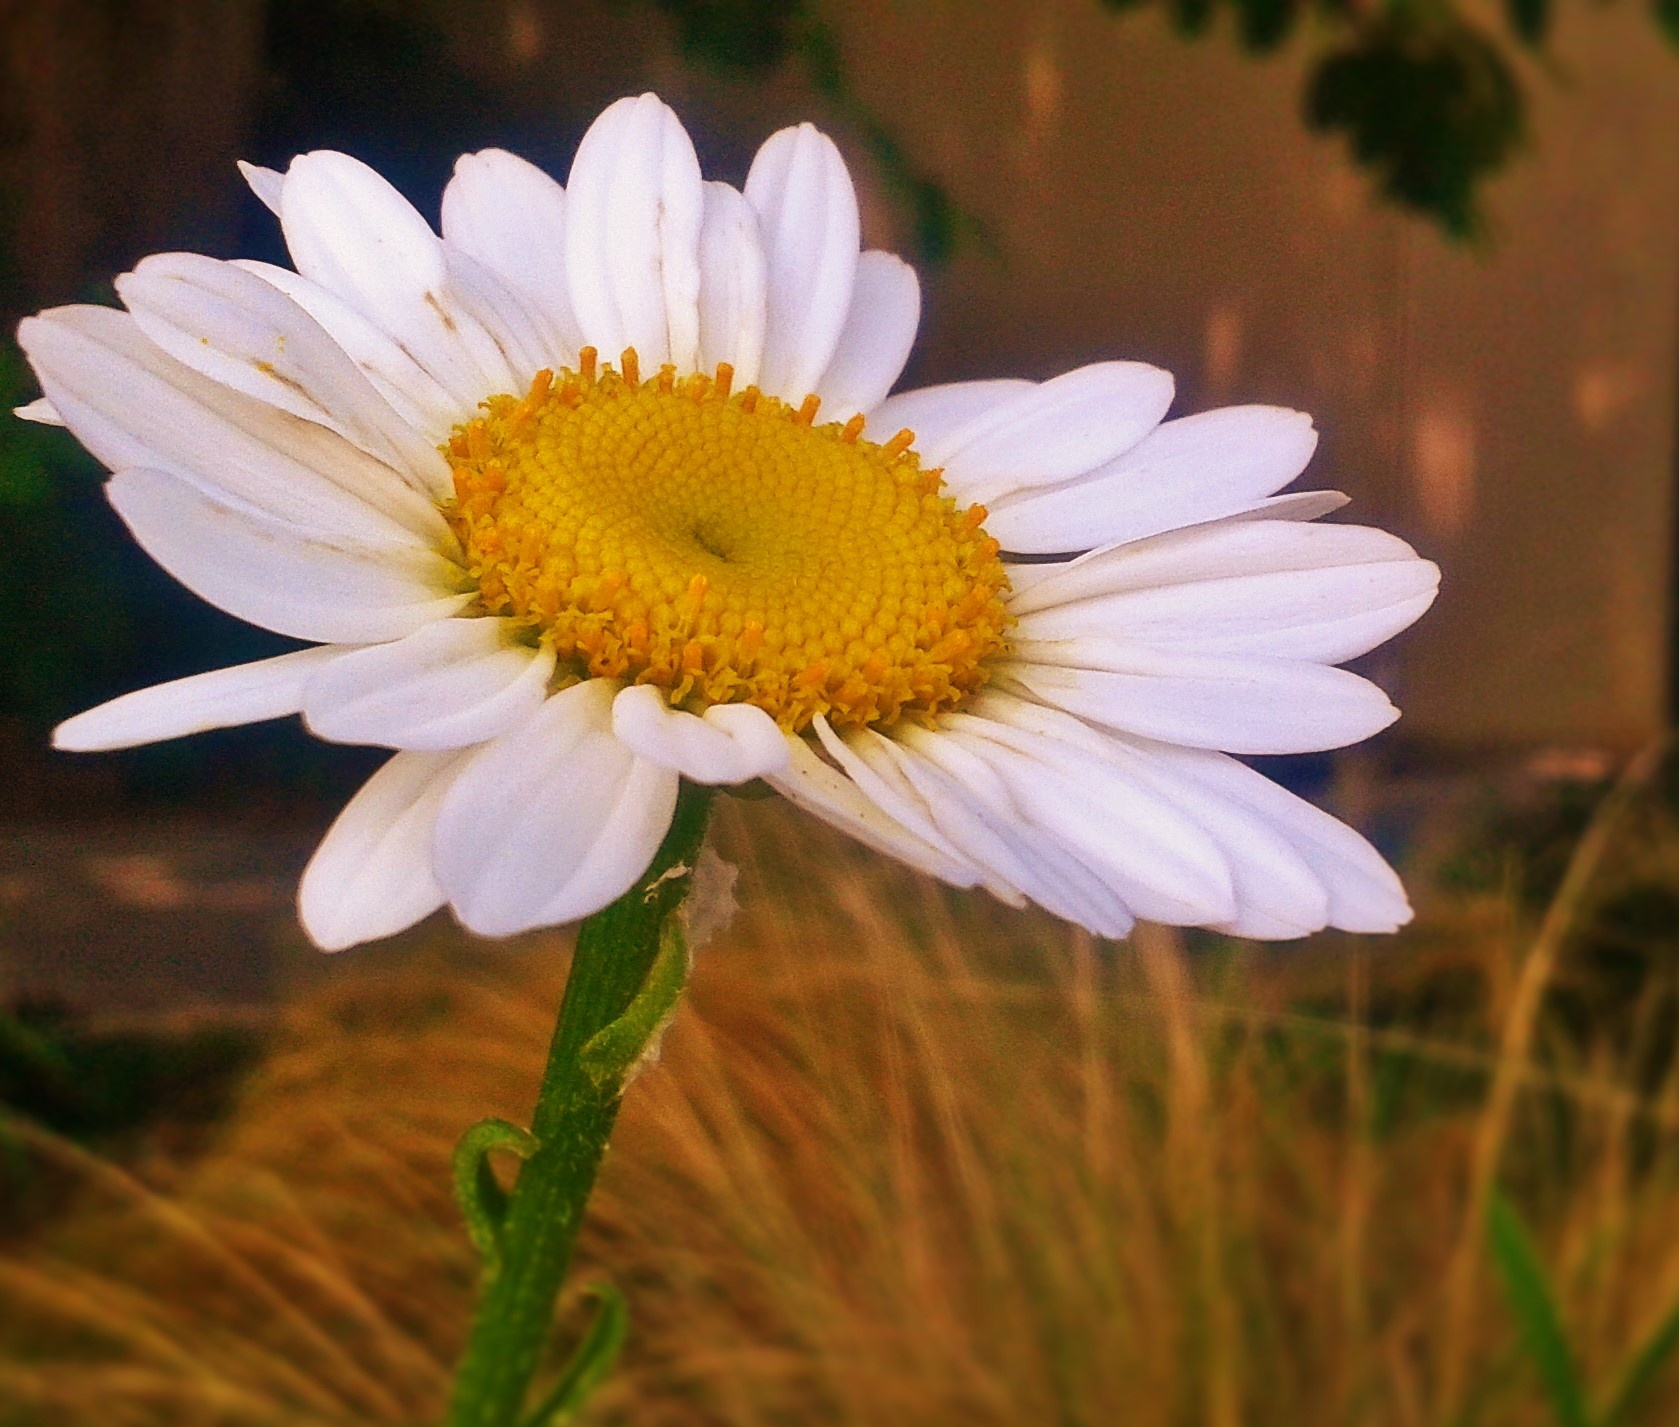 Joyful Daisy by Julie Piwaron